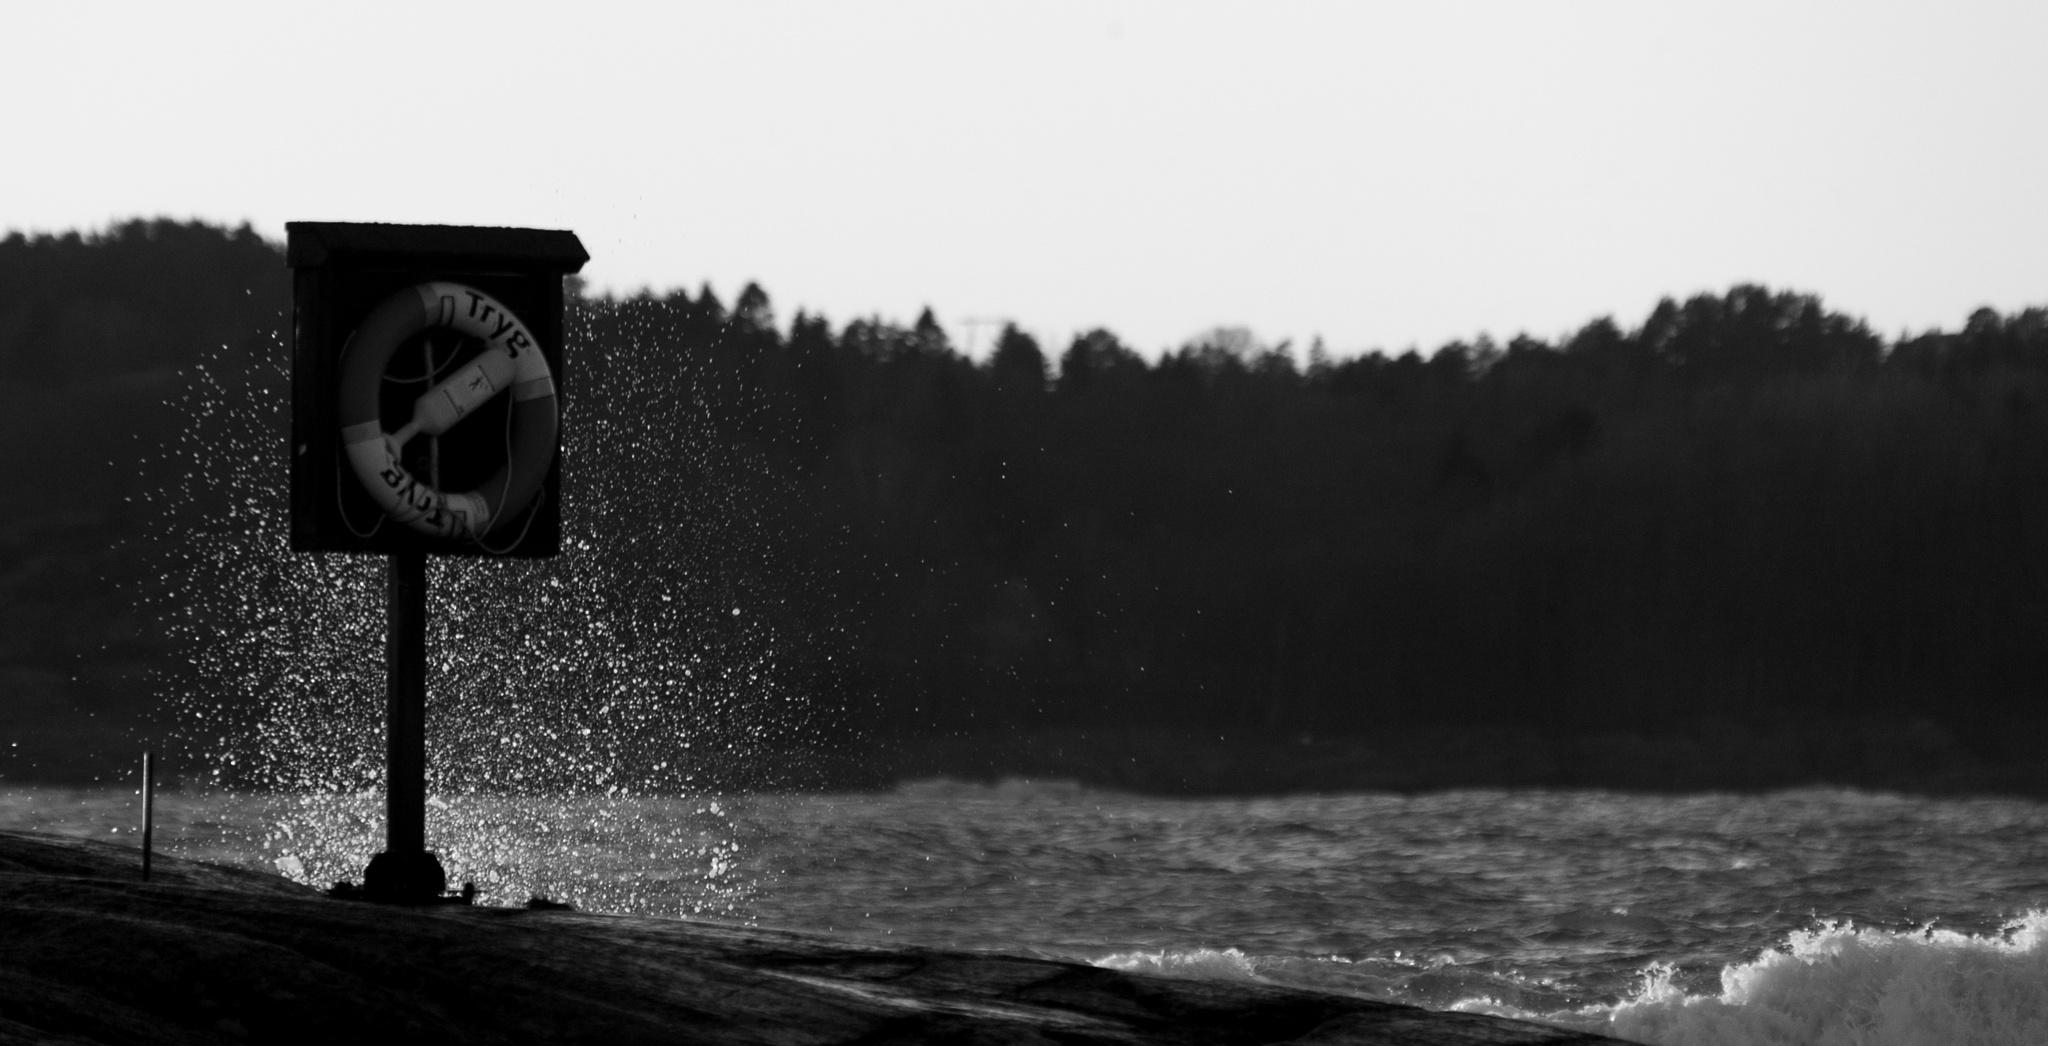 Lifebuoy by sveinsen